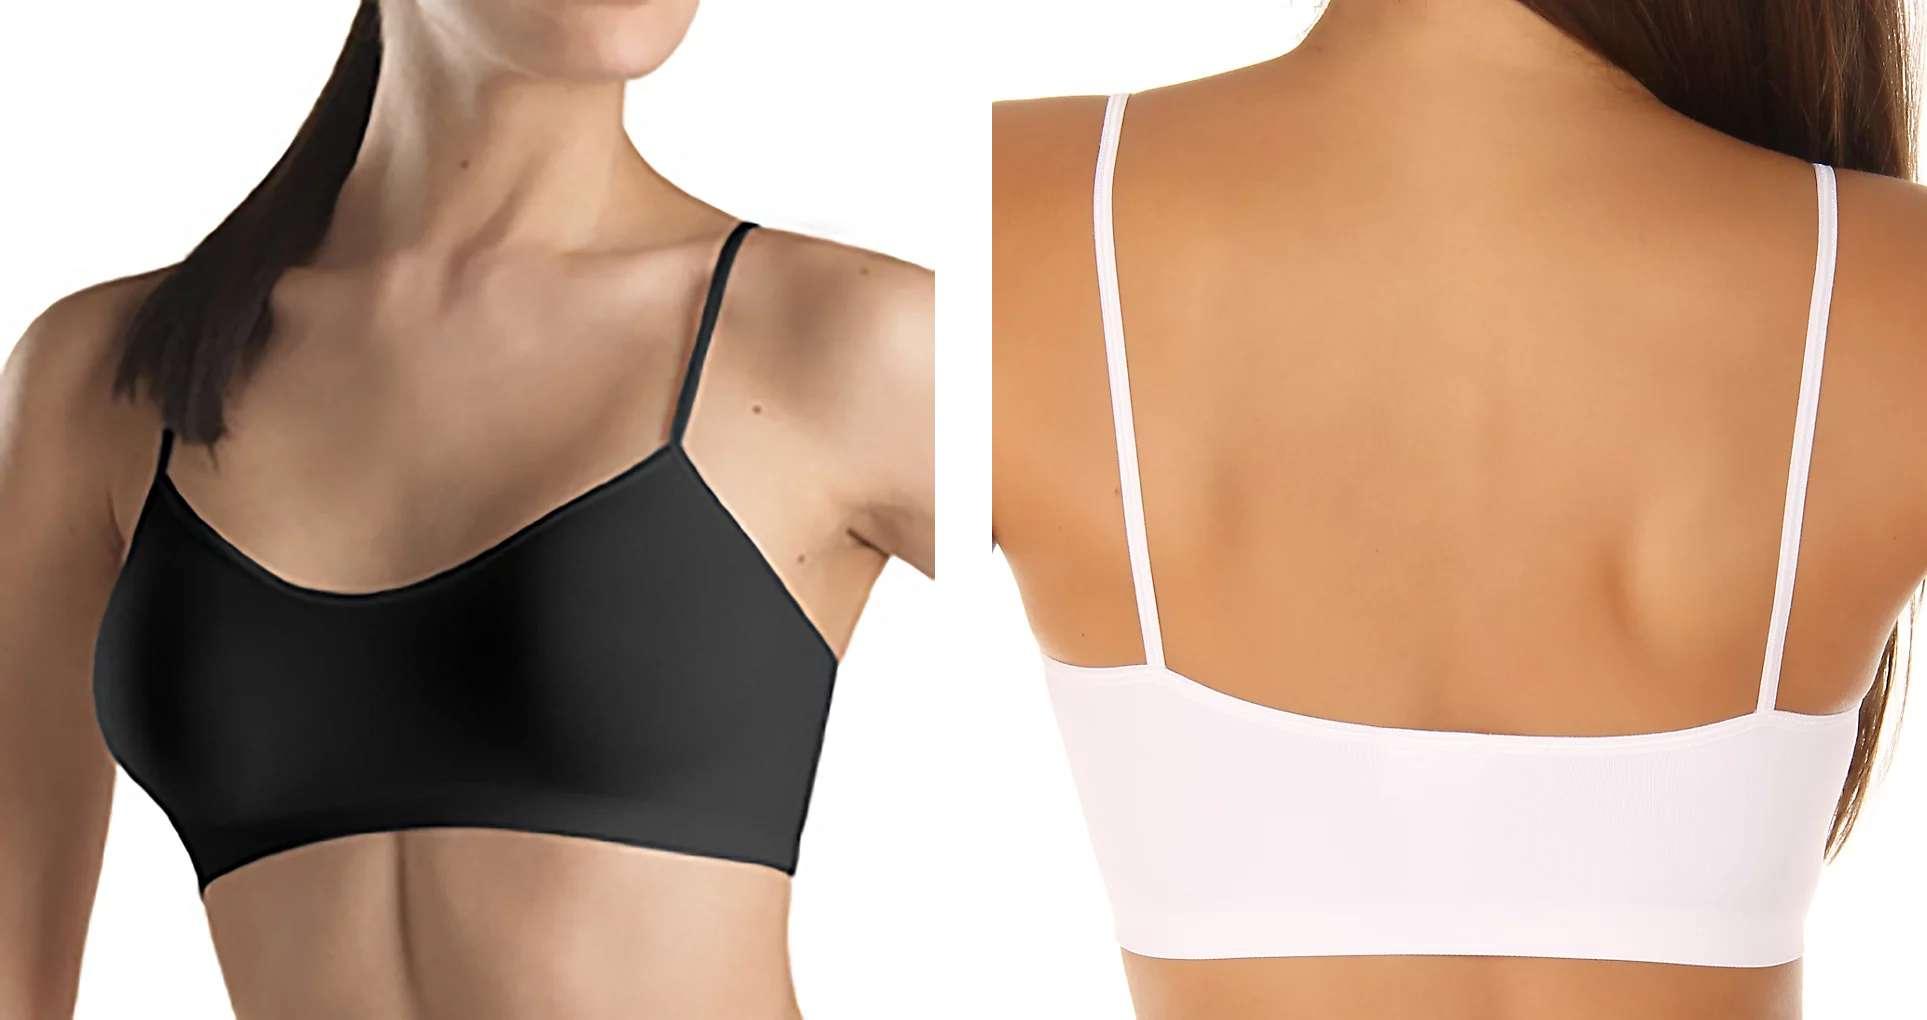 bras lingerie